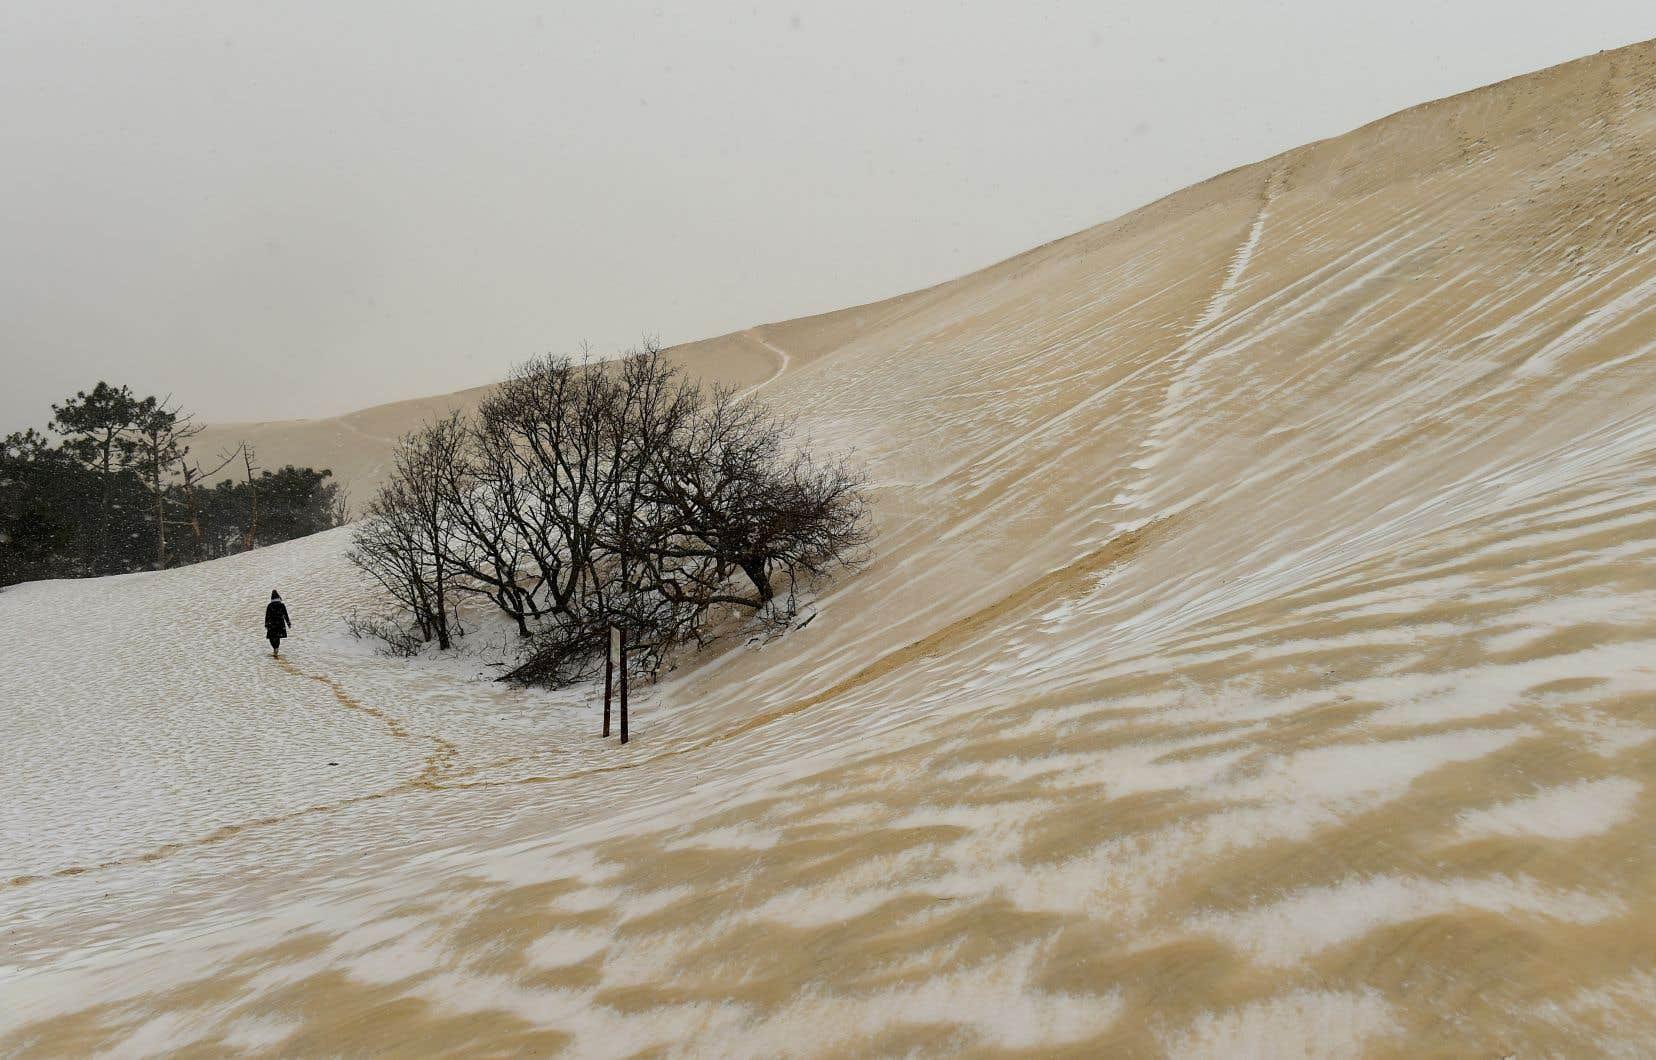 Une femme se promène sur la dune de sable partiellement couverte de neige du Pilat, à La Teste-de-Buch, dans le sud-ouest de la France.